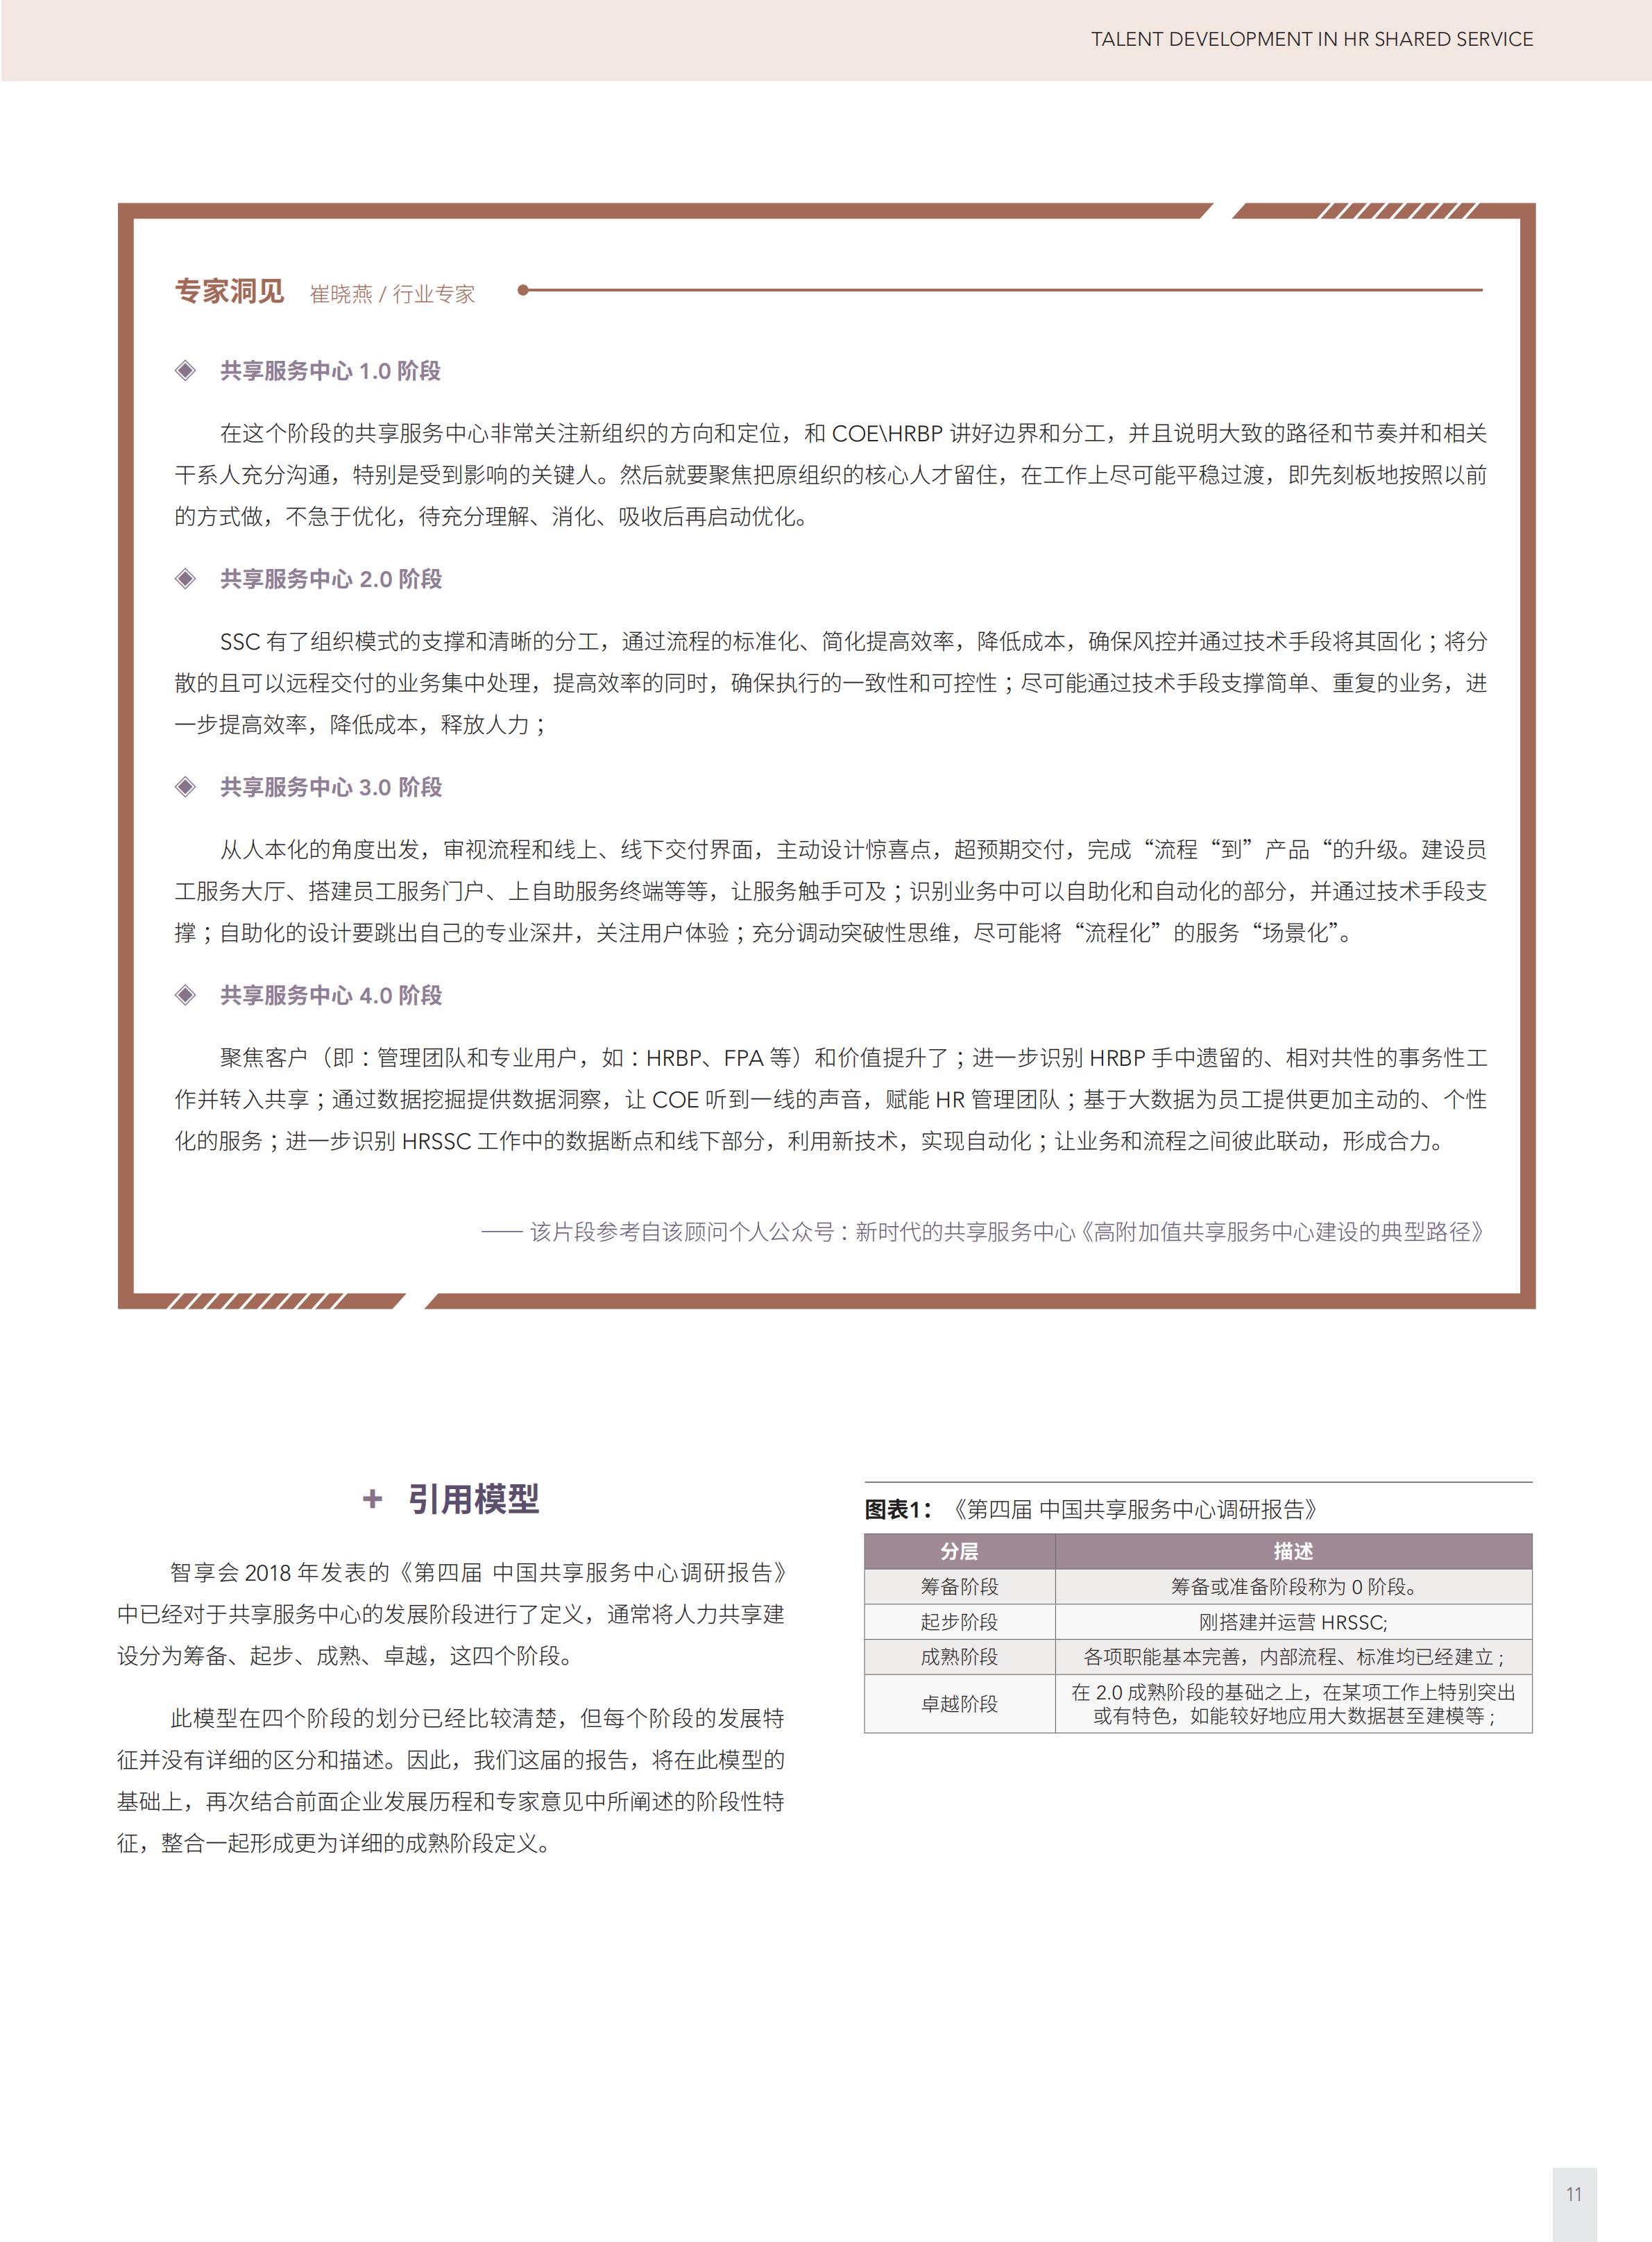 共享服务中心团队人员能力发展调研报告